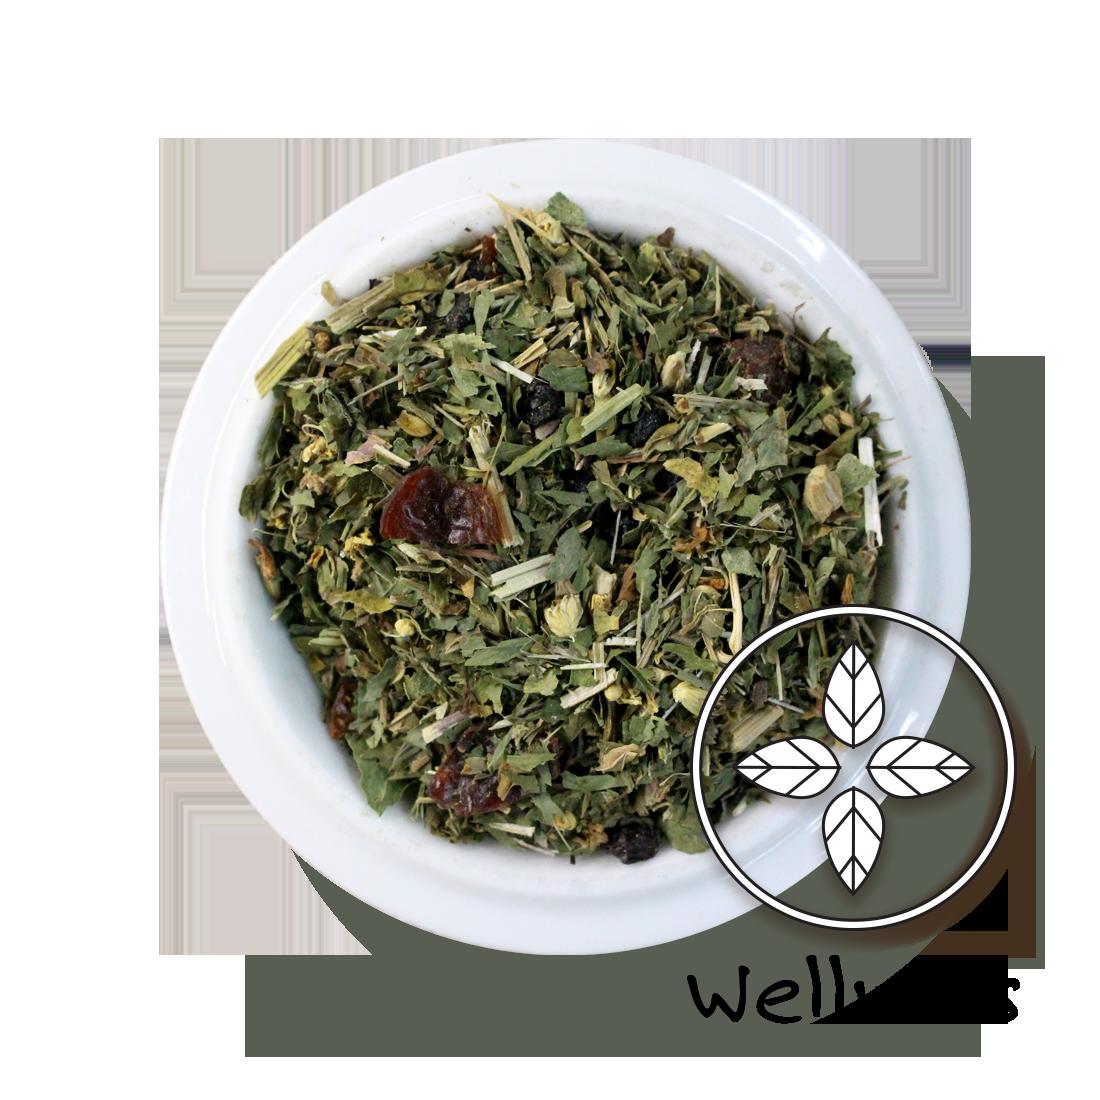 Wellness Tea First Response